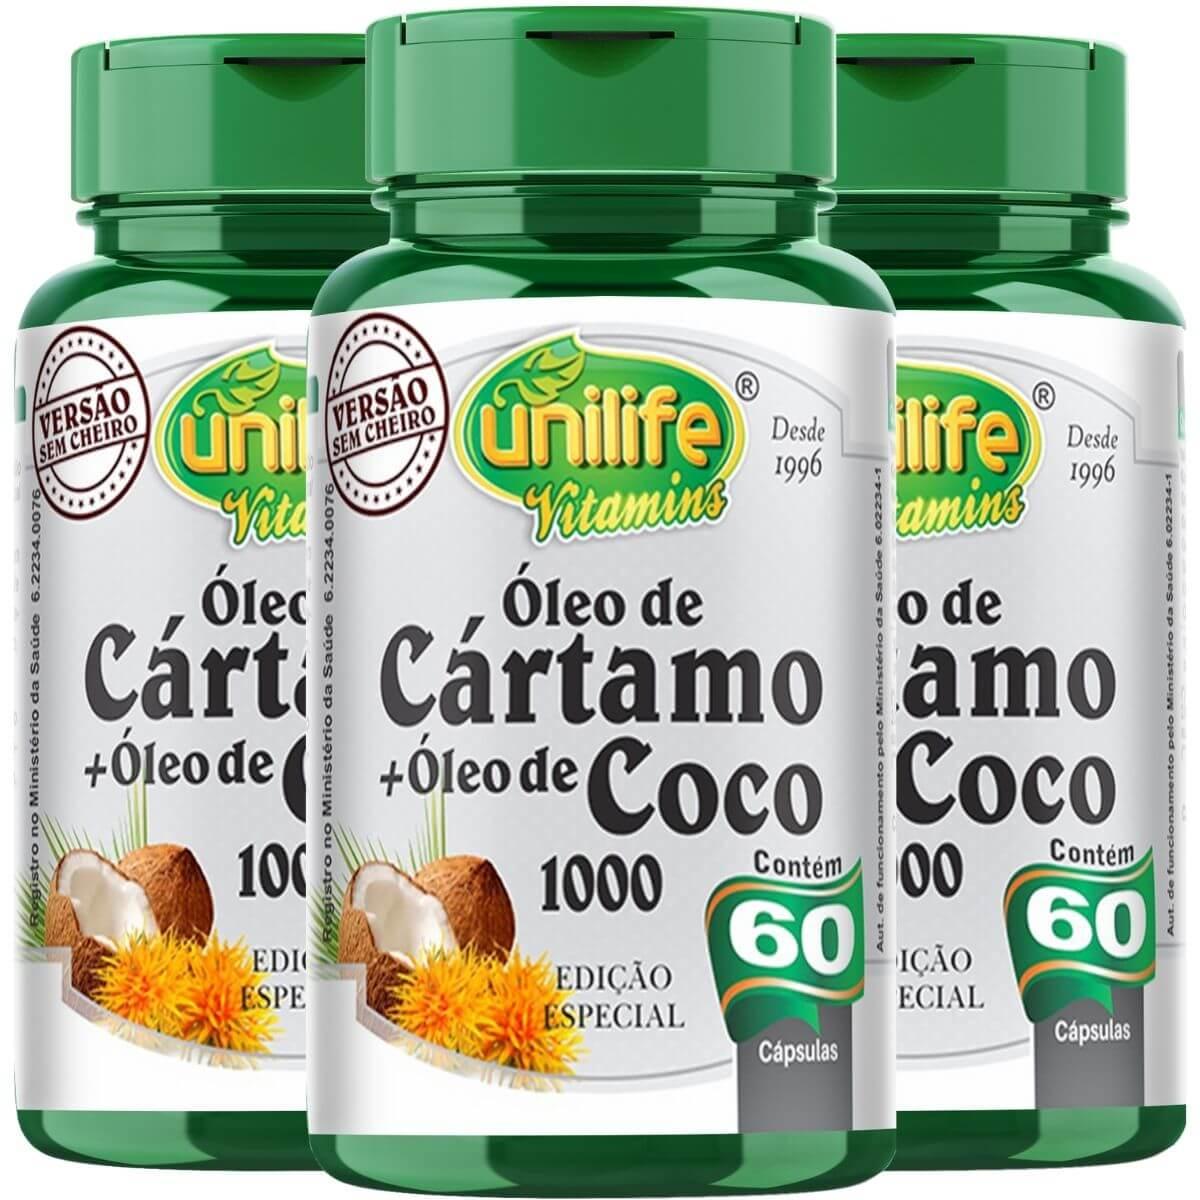 Kit 3 Óleo De Cártamo + Óleo De Coco Edição Especial 1200mg 60 Capsulas  - Unilife